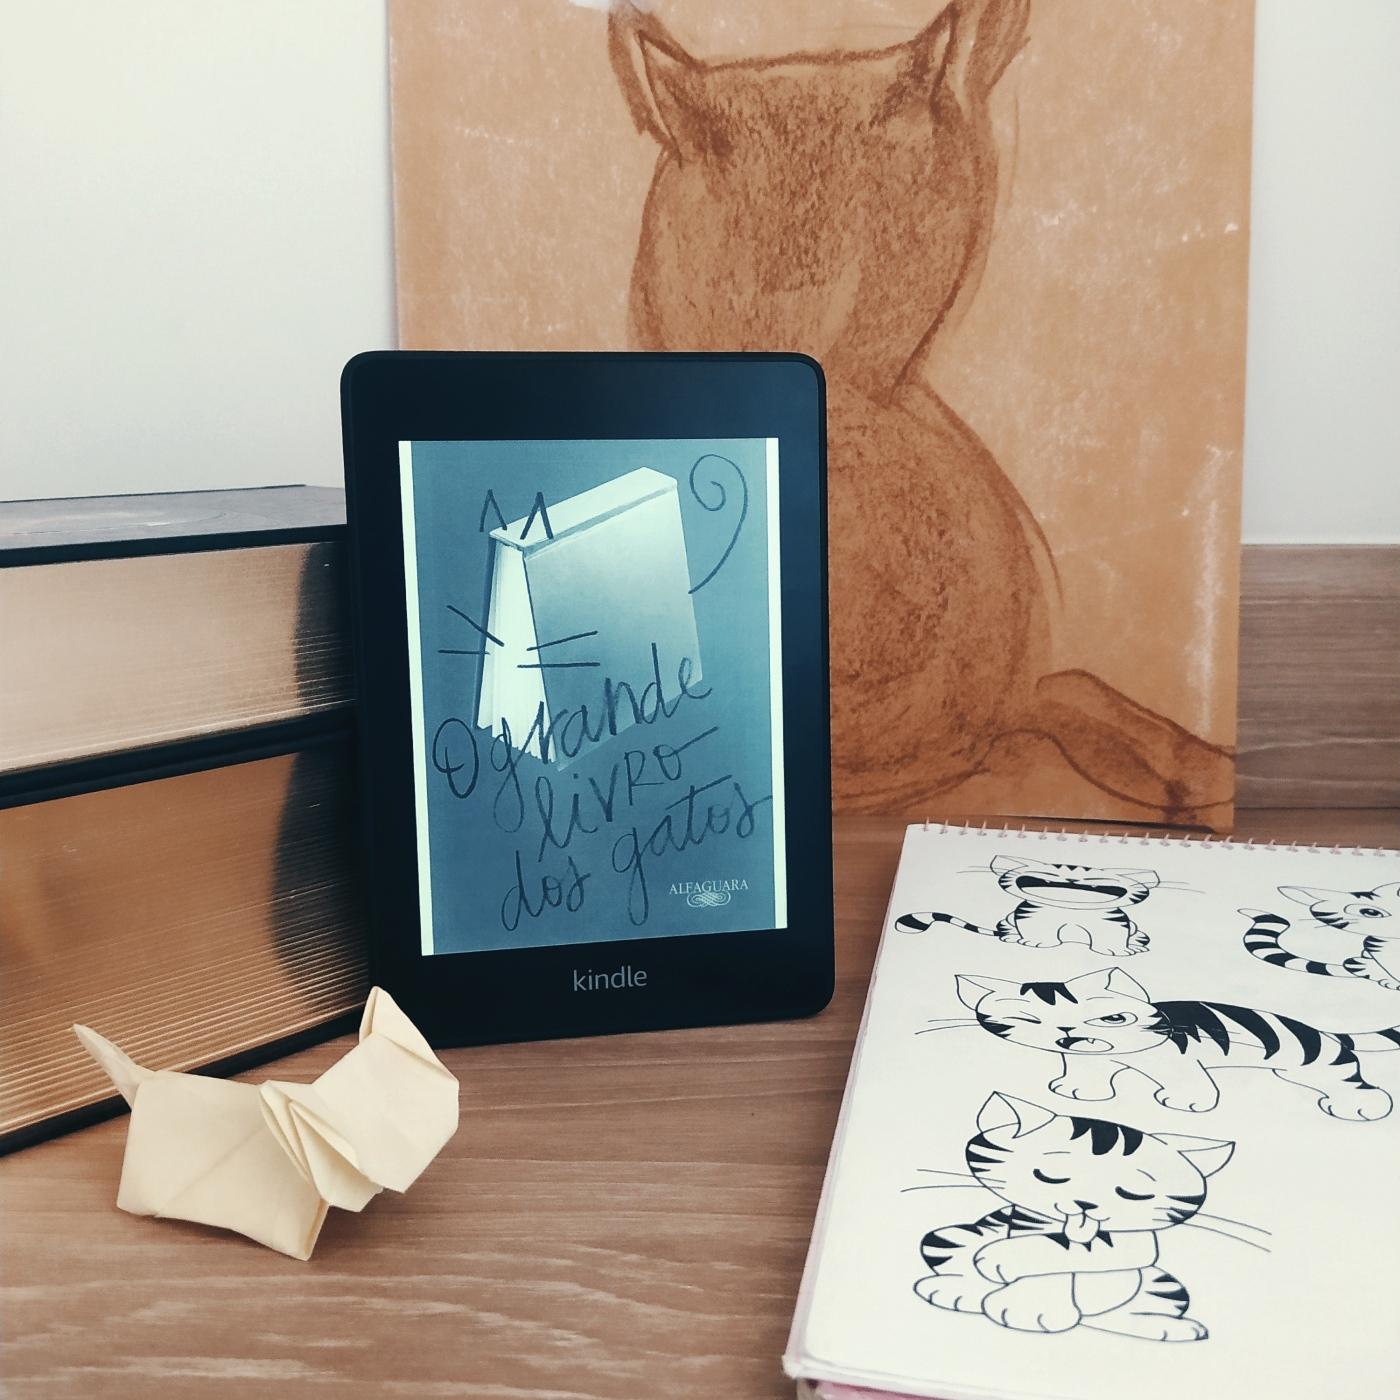 Kindle com a capa de O Grande Livro dos Gatos apoiado em uma pilha de livros, com uma pintura em giz à óleo em papel kraft da silhueta de um gato. À direita, há um caderno com desenhos em nanquim de gatos e à frente há um origami de gato.